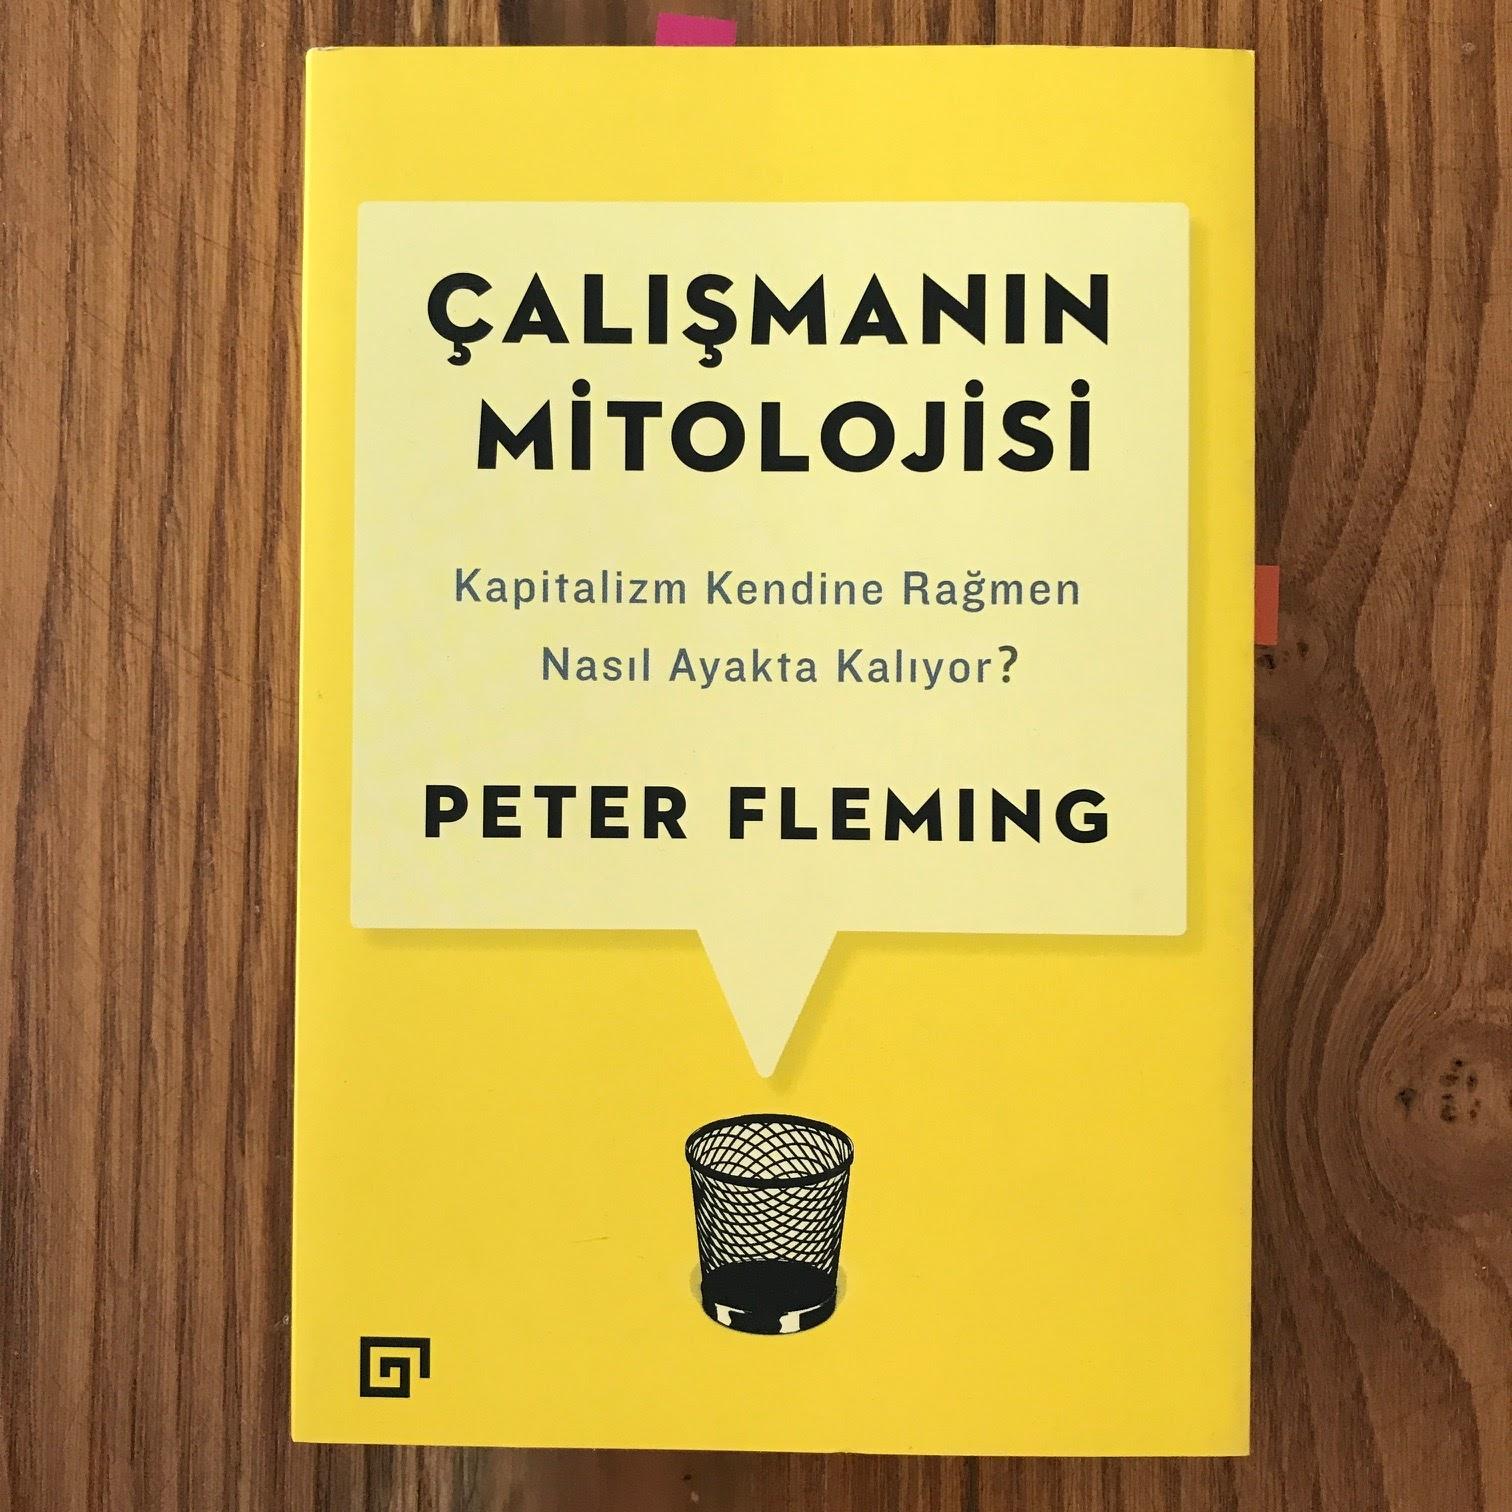 Calismanin Mitolojisi - Kapitalizm Kendine Ragmen Nasil Ayakta Kaliyor? (Kitap)